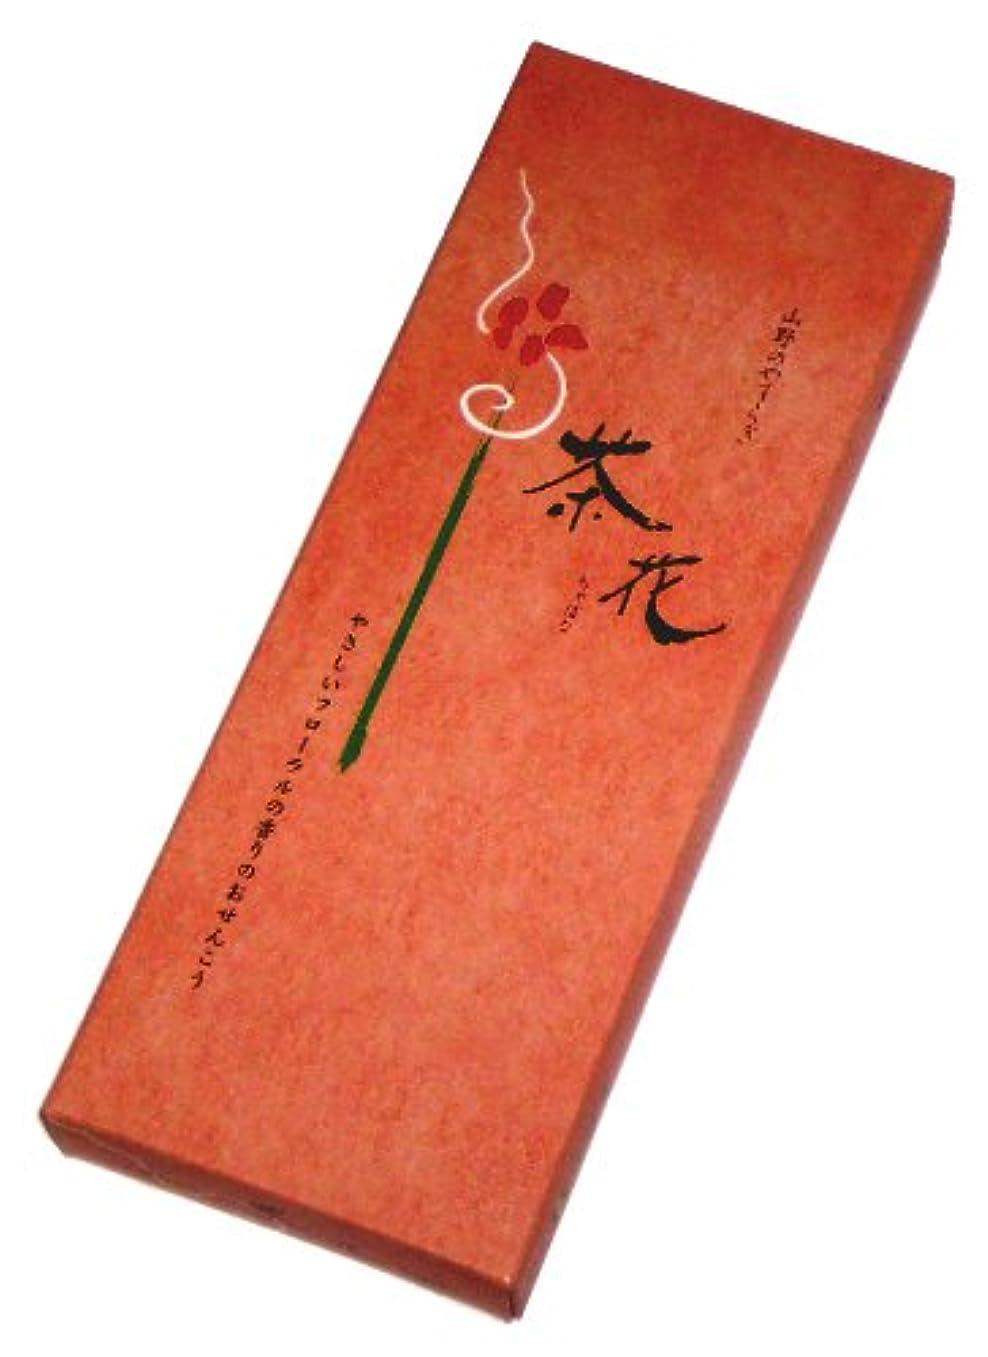 意図する複製する振るう尚林堂のお線香 茶花 有煙 長寸バラ